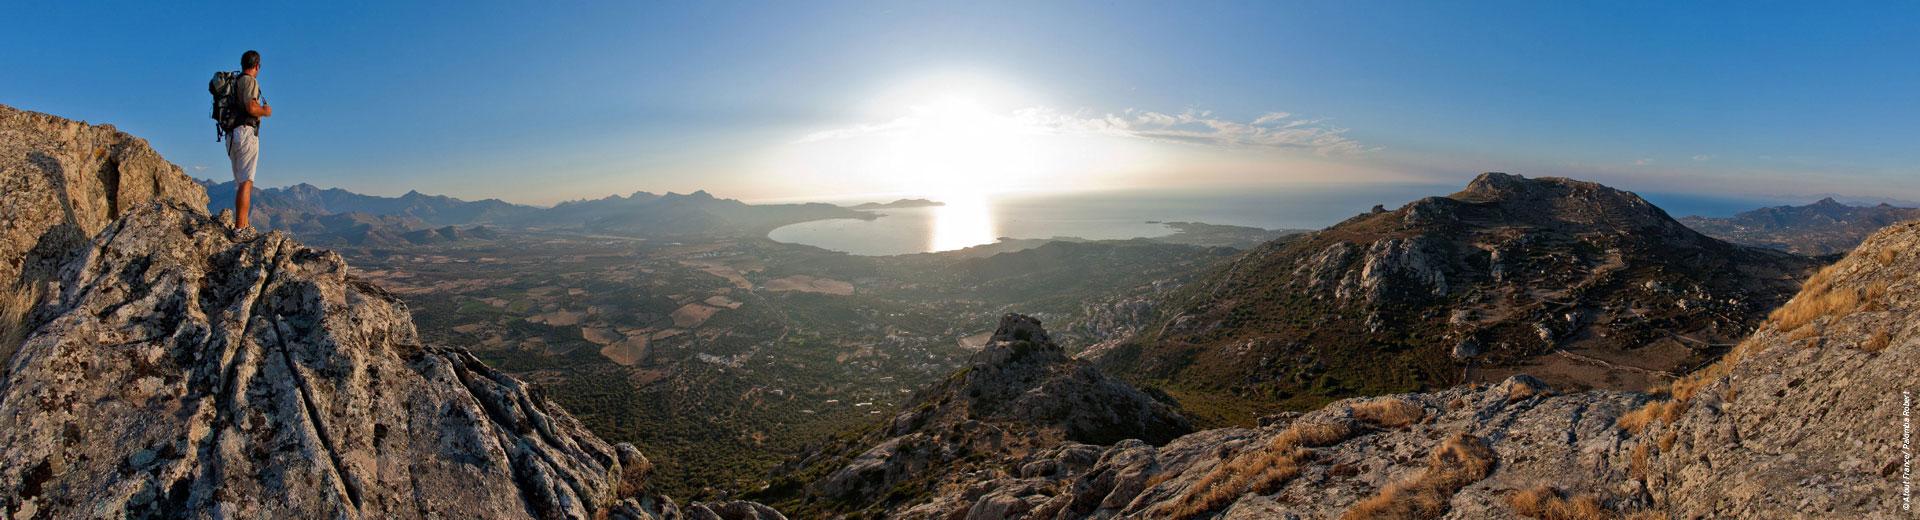 Korsika – individuelle Wanderung – Meer und Berge